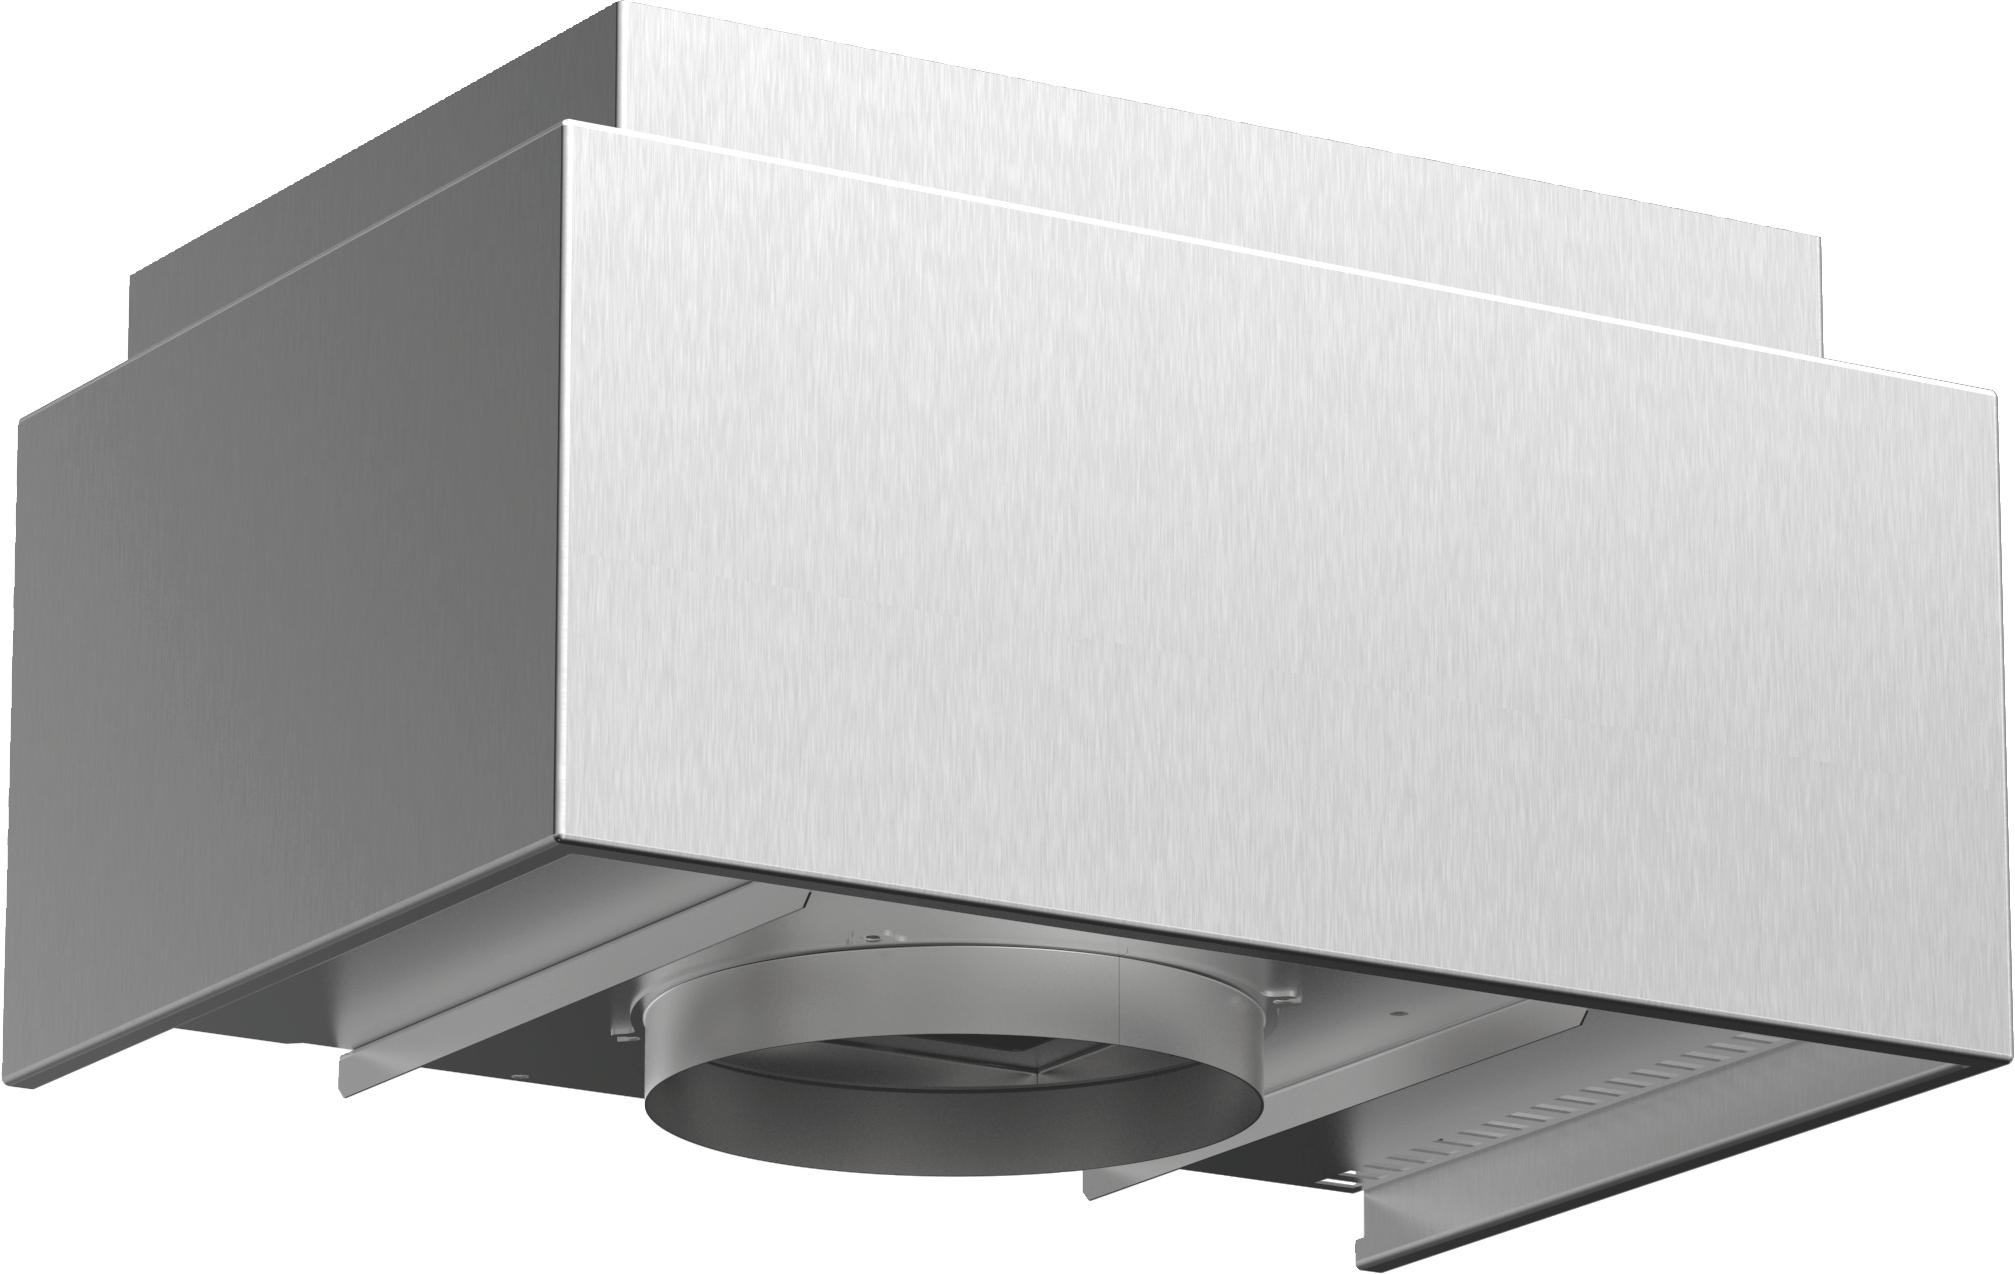 Sonderzubehör   Für Umluftbetrieb  Kombinierbar mit Wandessen  Deutlich verbesserte Geruchsbeseitigung gegenüber konventionellem Umluft-Filtersystem  Geräuschreduzierung  Verlängertes Wechselintervall der Filtereinheit  Zur Montage auf dem Außenkanal oder Innenkanal von Wandessen  Bestehend aus Designblende